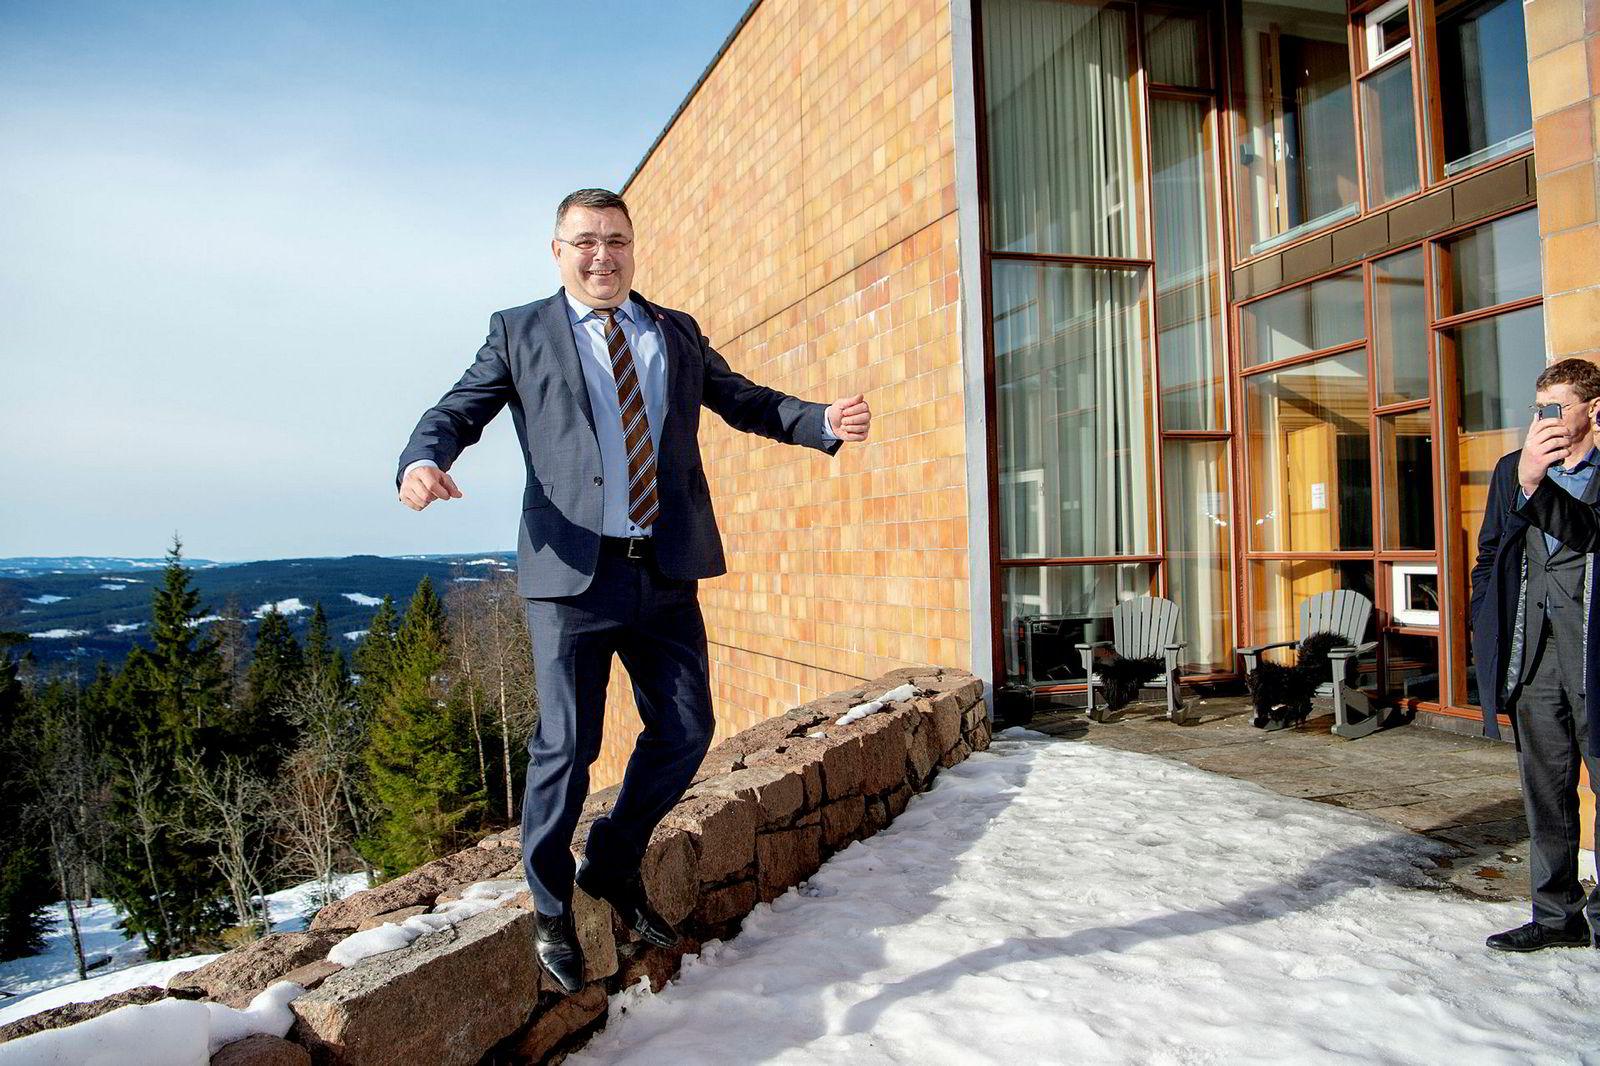 Olje- og energiminister Kjell-Børge Freiberg hoppet i det da han innledet klimakonferansen på Soria Moria tirsdag, og serverte et budskap flere av tilhørerne mislikte.